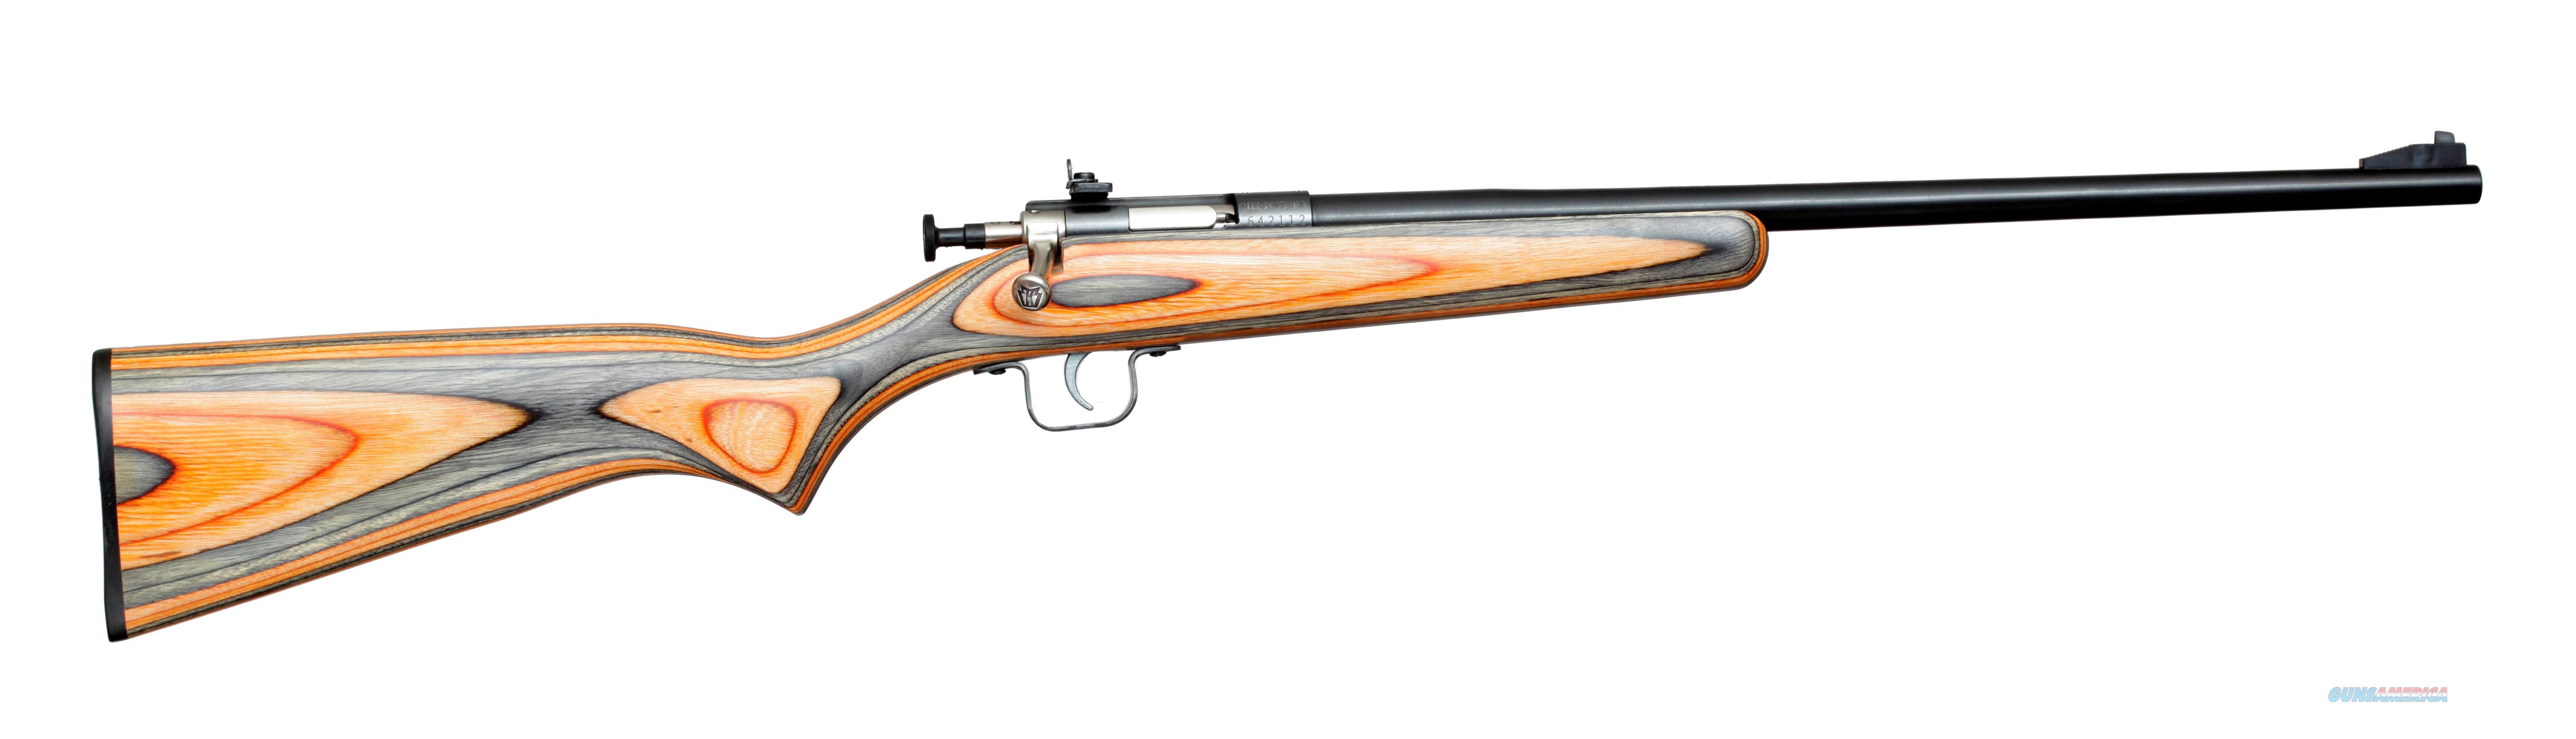 Keystone Crkt Blk/Org 22S/L/Lr KSA2231  Guns > Rifles > K Misc Rifles